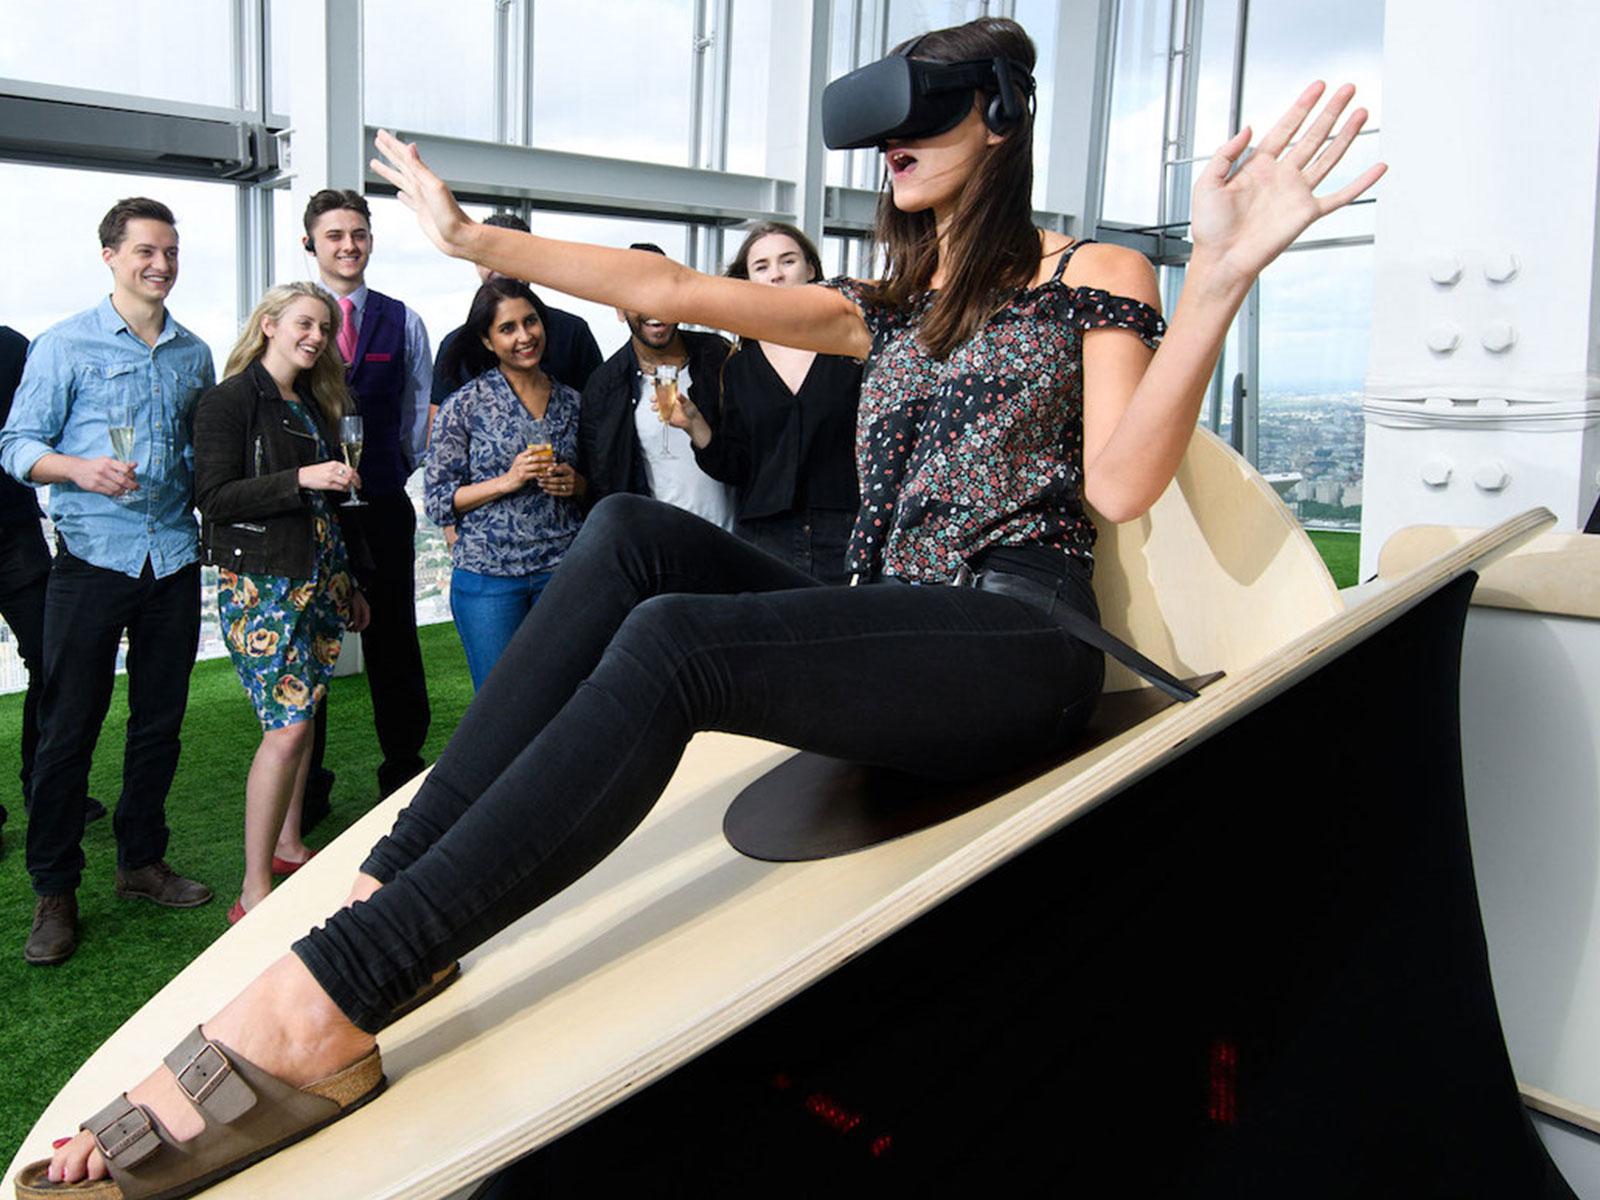 Le Slide en réalité virtuelle